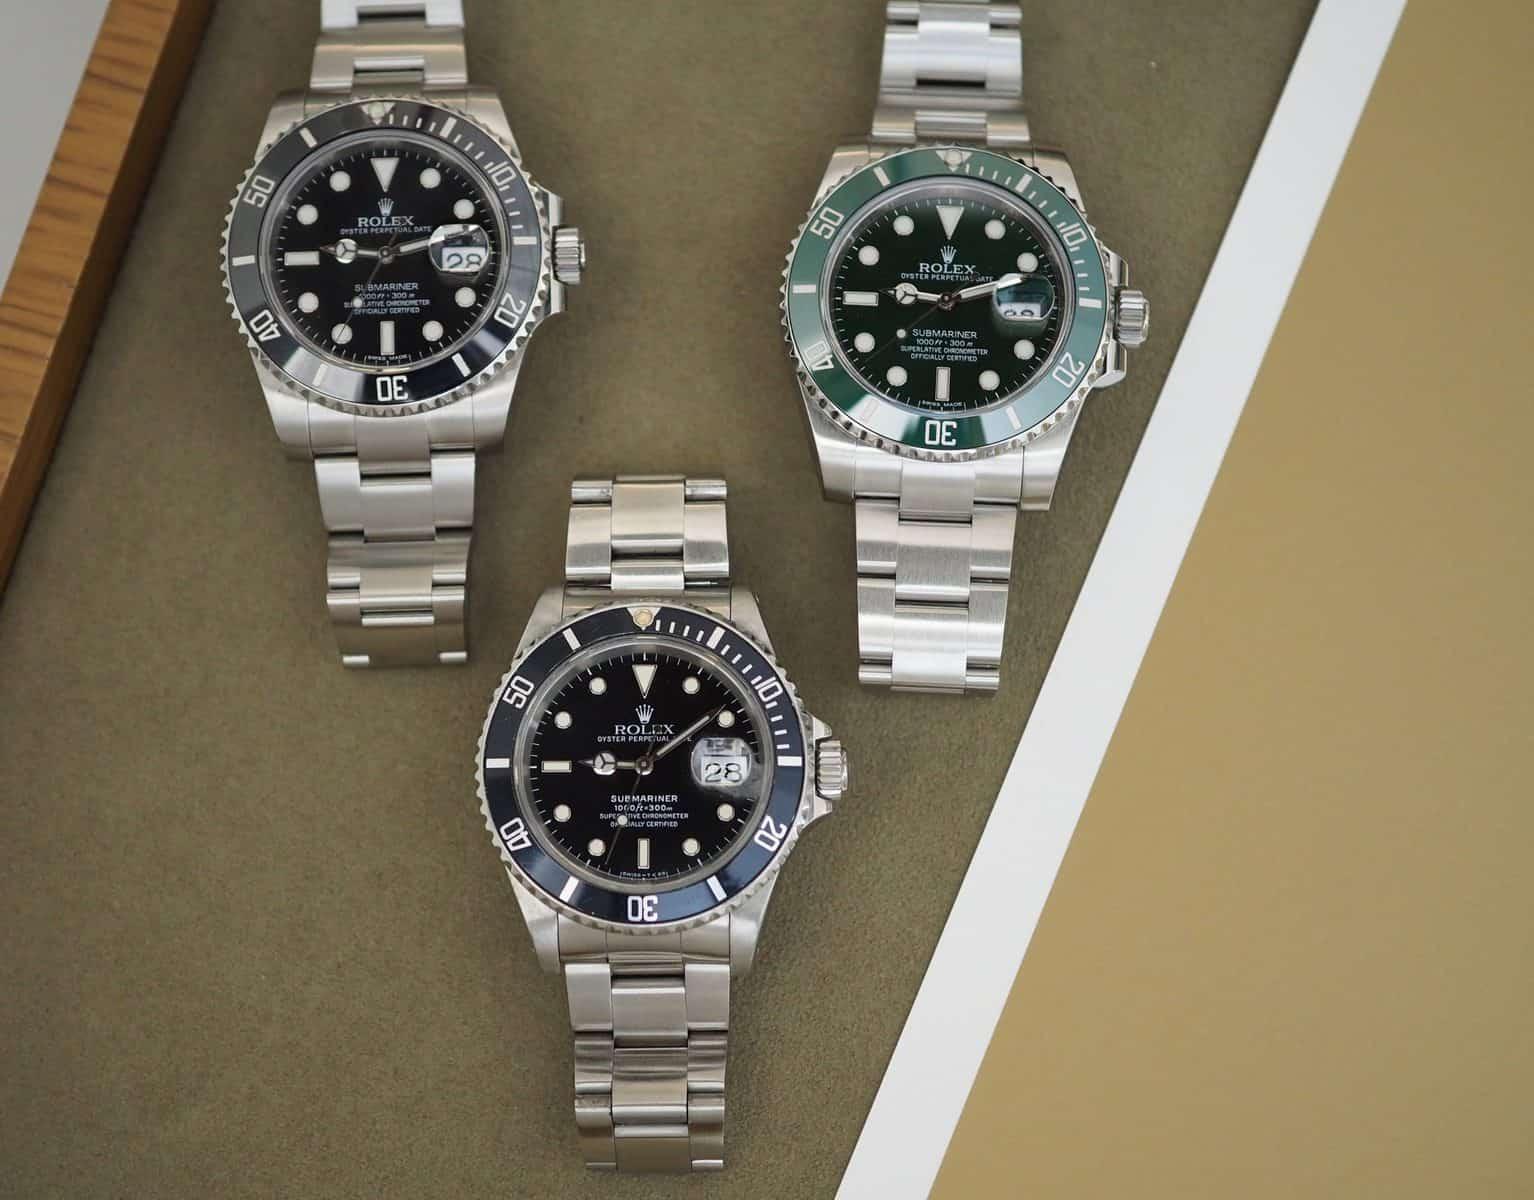 Cách nhận biết đồng hồ Rolex Submariner chính hãng chi tiết nhất